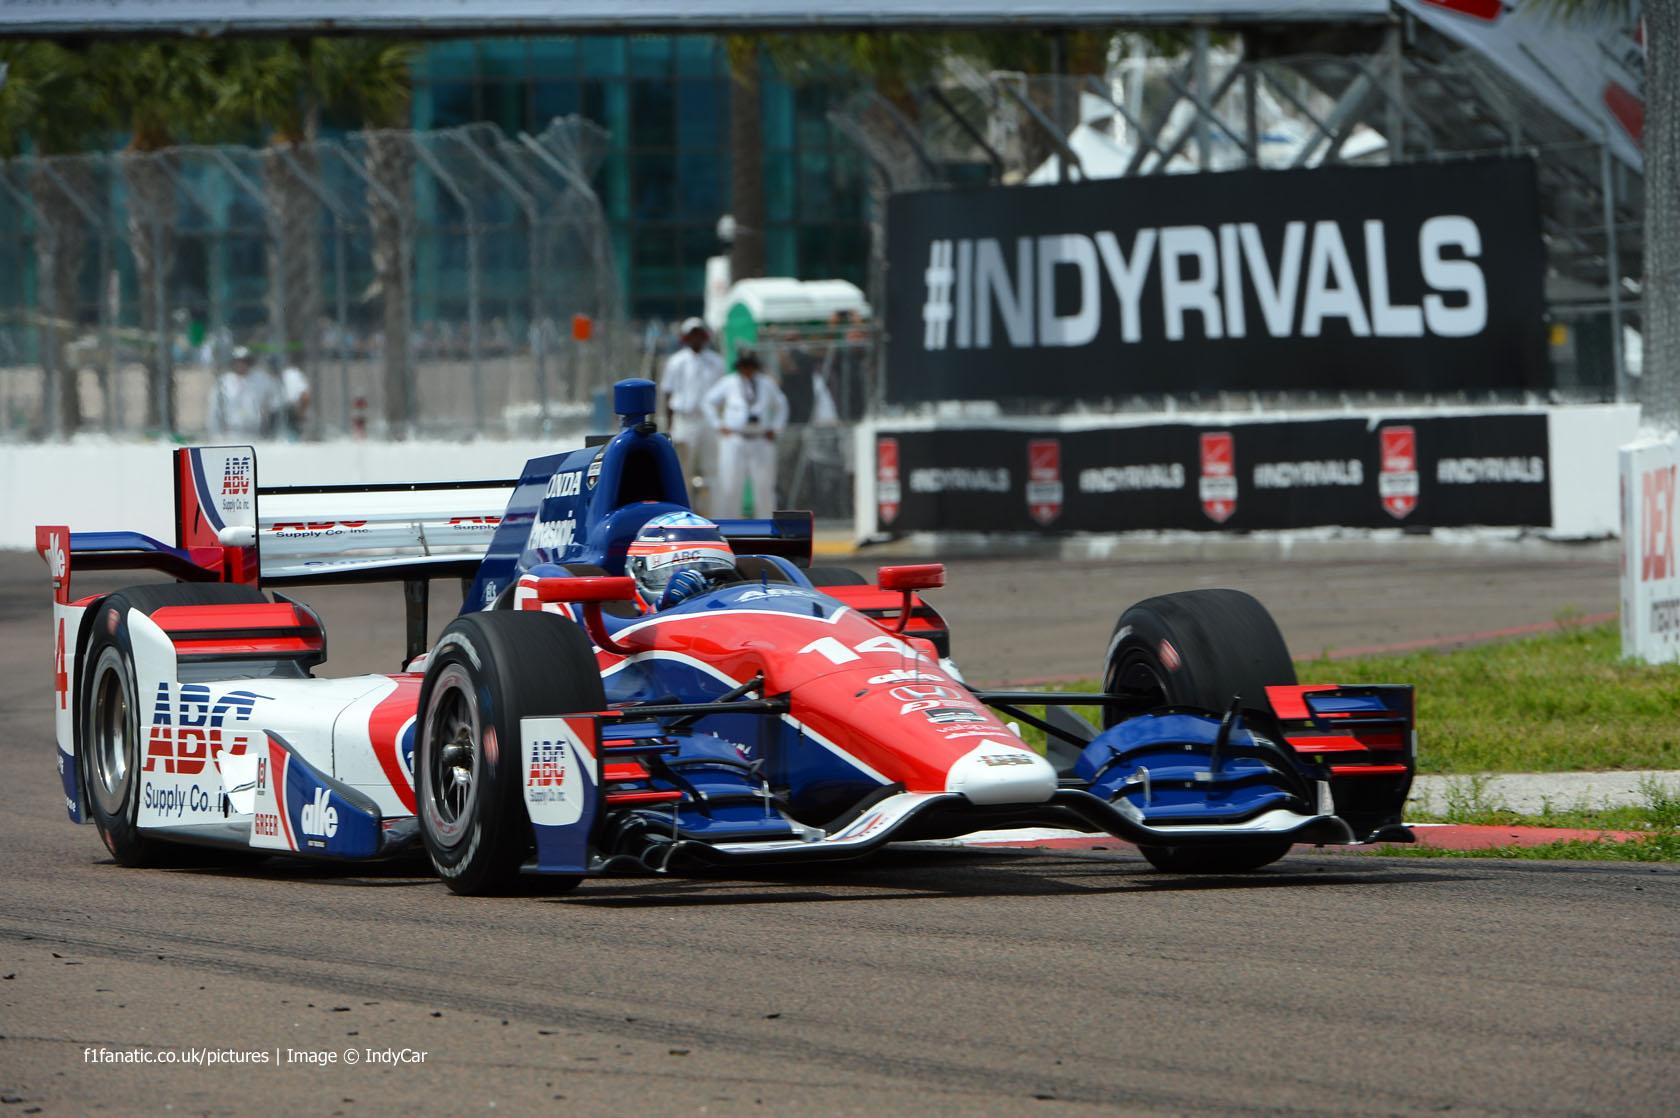 インディカー・シリーズで8年目を迎えた佐藤琢磨